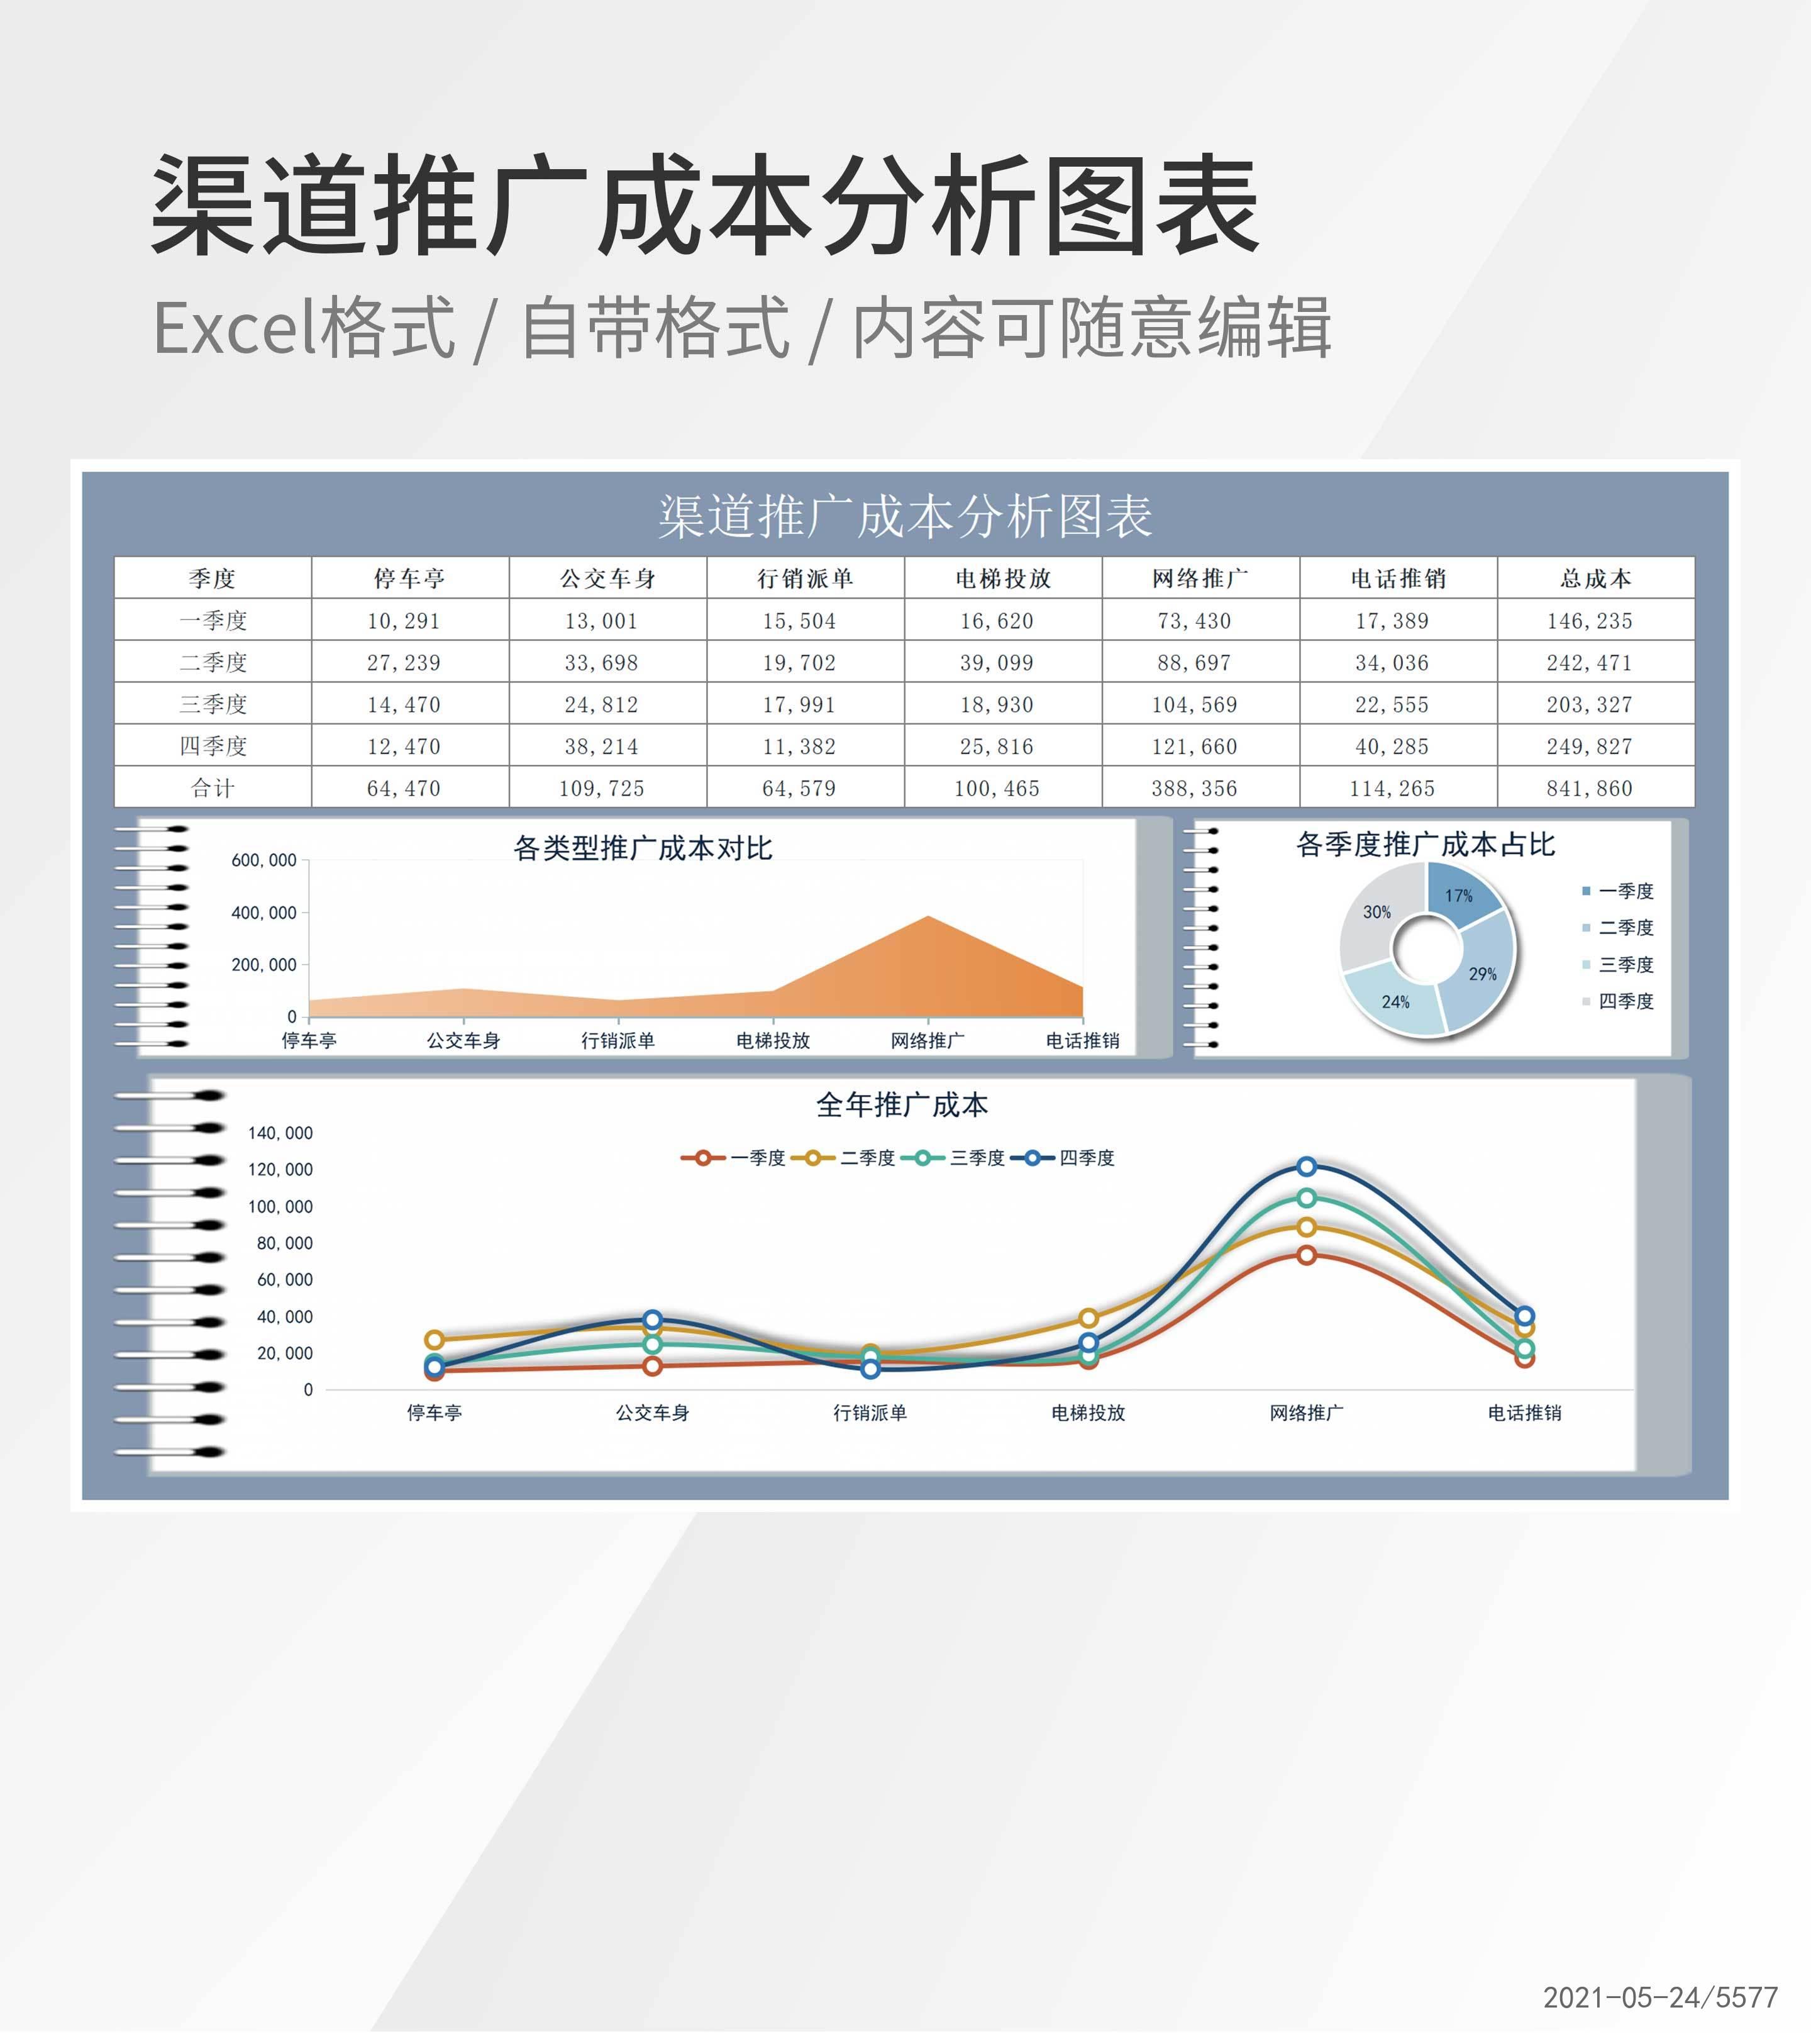 各类型季度渠道推广成本分析图表Excel模板